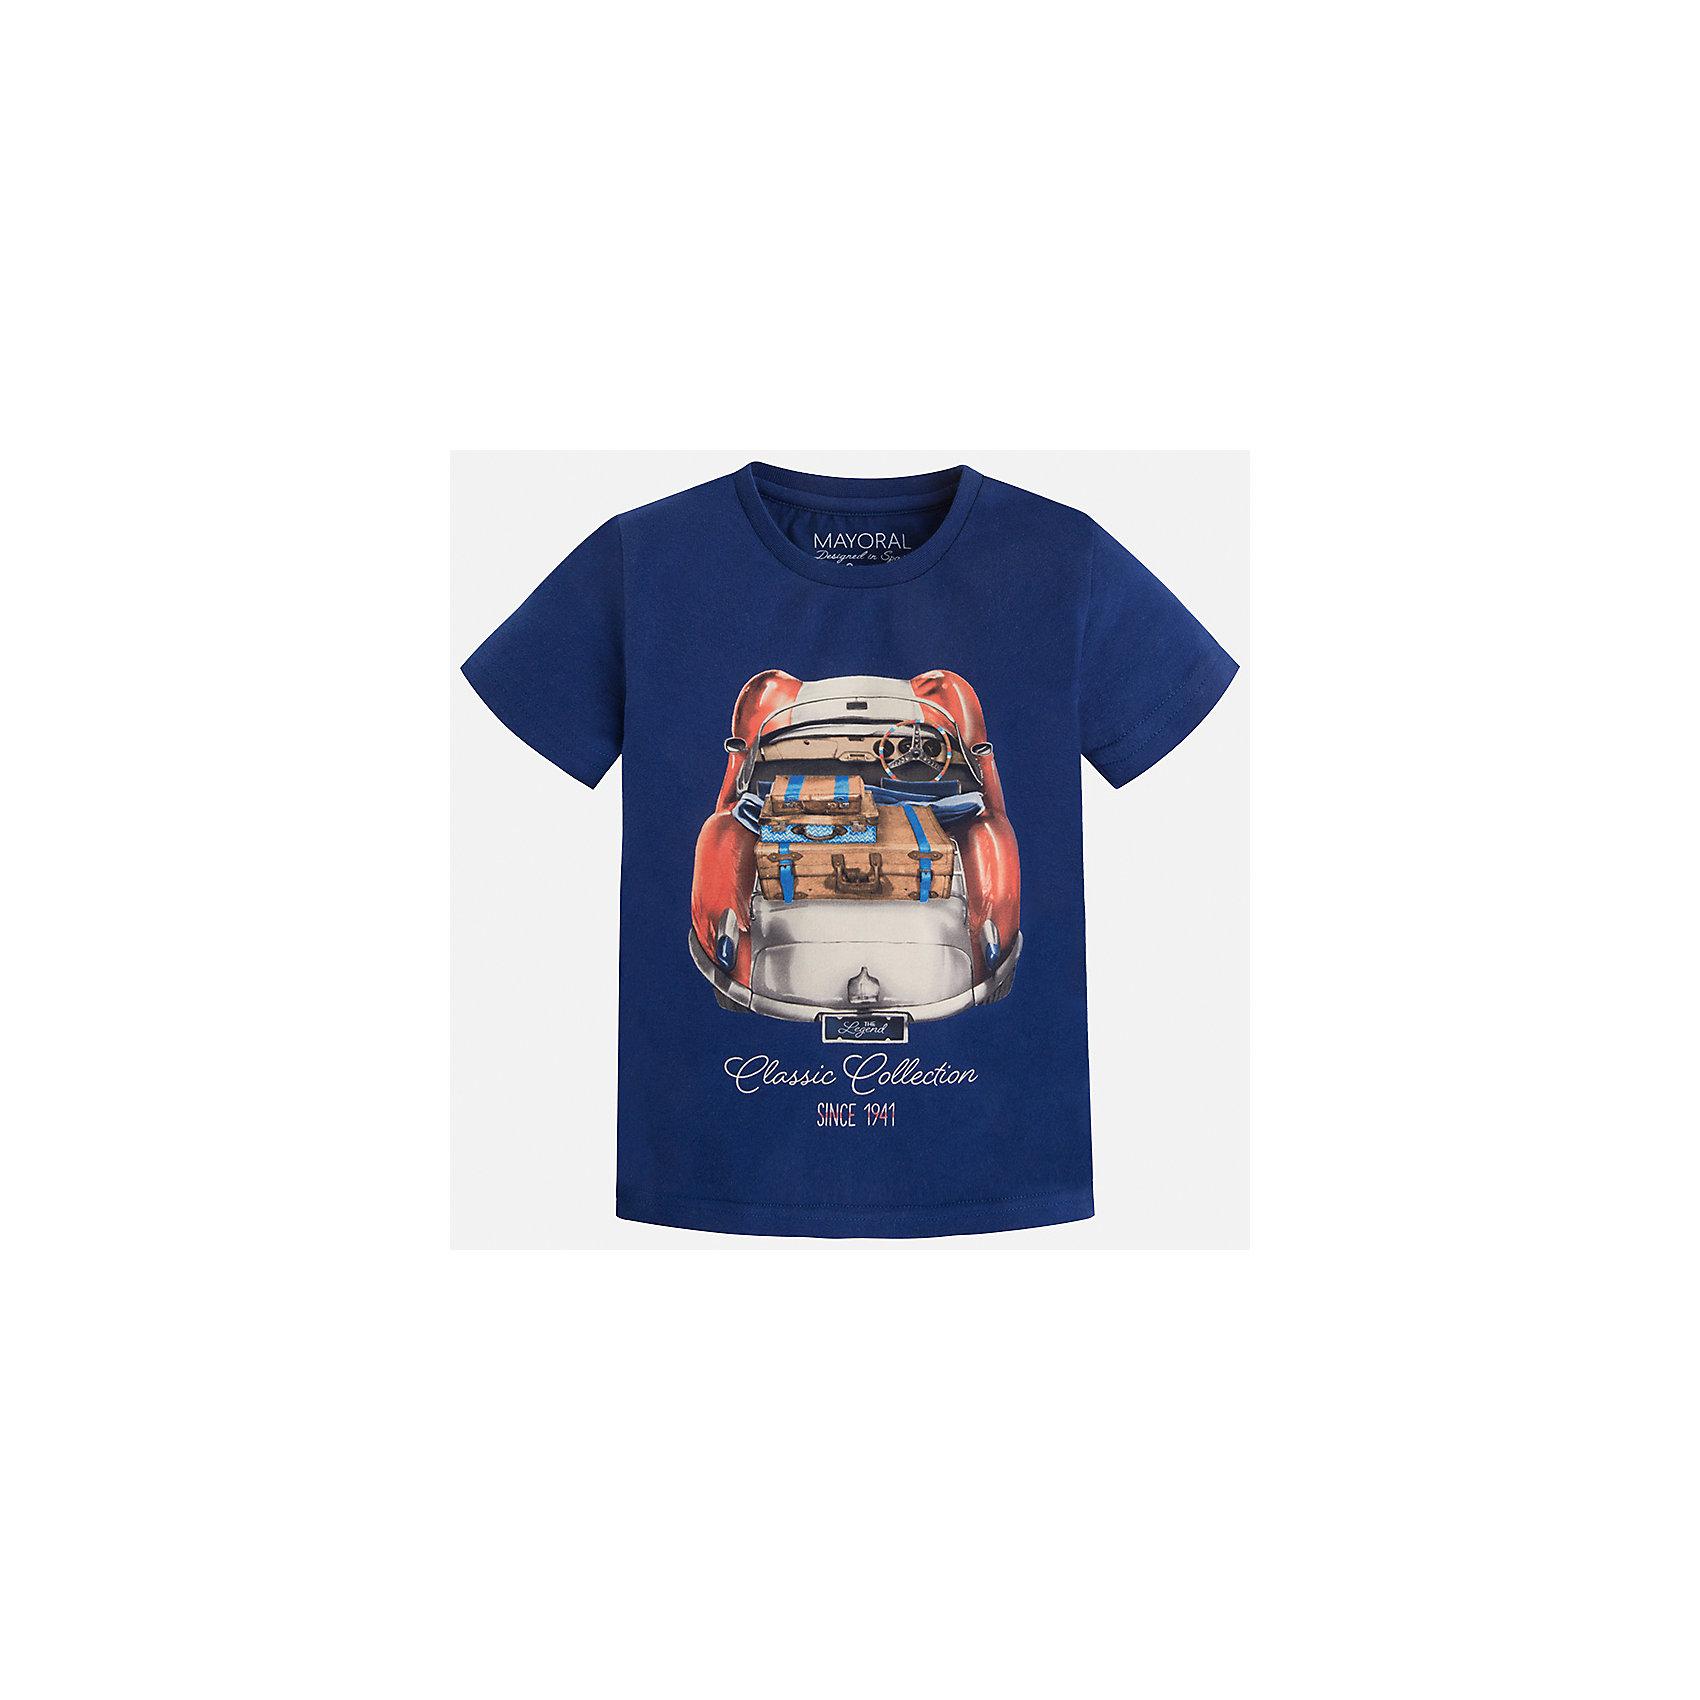 Футболка для мальчика MayoralФутболки, поло и топы<br>Характеристики товара:<br><br>• цвет: синий<br>• состав: 100% хлопок<br>• круглый горловой вырез<br>• декорирована принтом<br>• короткие рукава<br>• отделка горловины<br>• страна бренда: Испания<br><br>Модная удобная футболка с принтом поможет разнообразить гардероб мальчика. Она отлично сочетается с брюками, шортами, джинсами. Универсальный крой и цвет позволяет подобрать к вещи низ разных расцветок. Практичное и стильное изделие! Хорошо смотрится и комфортно сидит на детях. В составе материала - только натуральный хлопок, гипоаллергенный, приятный на ощупь, дышащий. <br><br>Одежда, обувь и аксессуары от испанского бренда Mayoral полюбились детям и взрослым по всему миру. Модели этой марки - стильные и удобные. Для их производства используются только безопасные, качественные материалы и фурнитура. Порадуйте ребенка модными и красивыми вещами от Mayoral! <br><br>Футболку для мальчика от испанского бренда Mayoral (Майорал) можно купить в нашем интернет-магазине.<br><br>Ширина мм: 199<br>Глубина мм: 10<br>Высота мм: 161<br>Вес г: 151<br>Цвет: синий<br>Возраст от месяцев: 48<br>Возраст до месяцев: 60<br>Пол: Мужской<br>Возраст: Детский<br>Размер: 110,116,128,122,134,104,98,92<br>SKU: 5279899